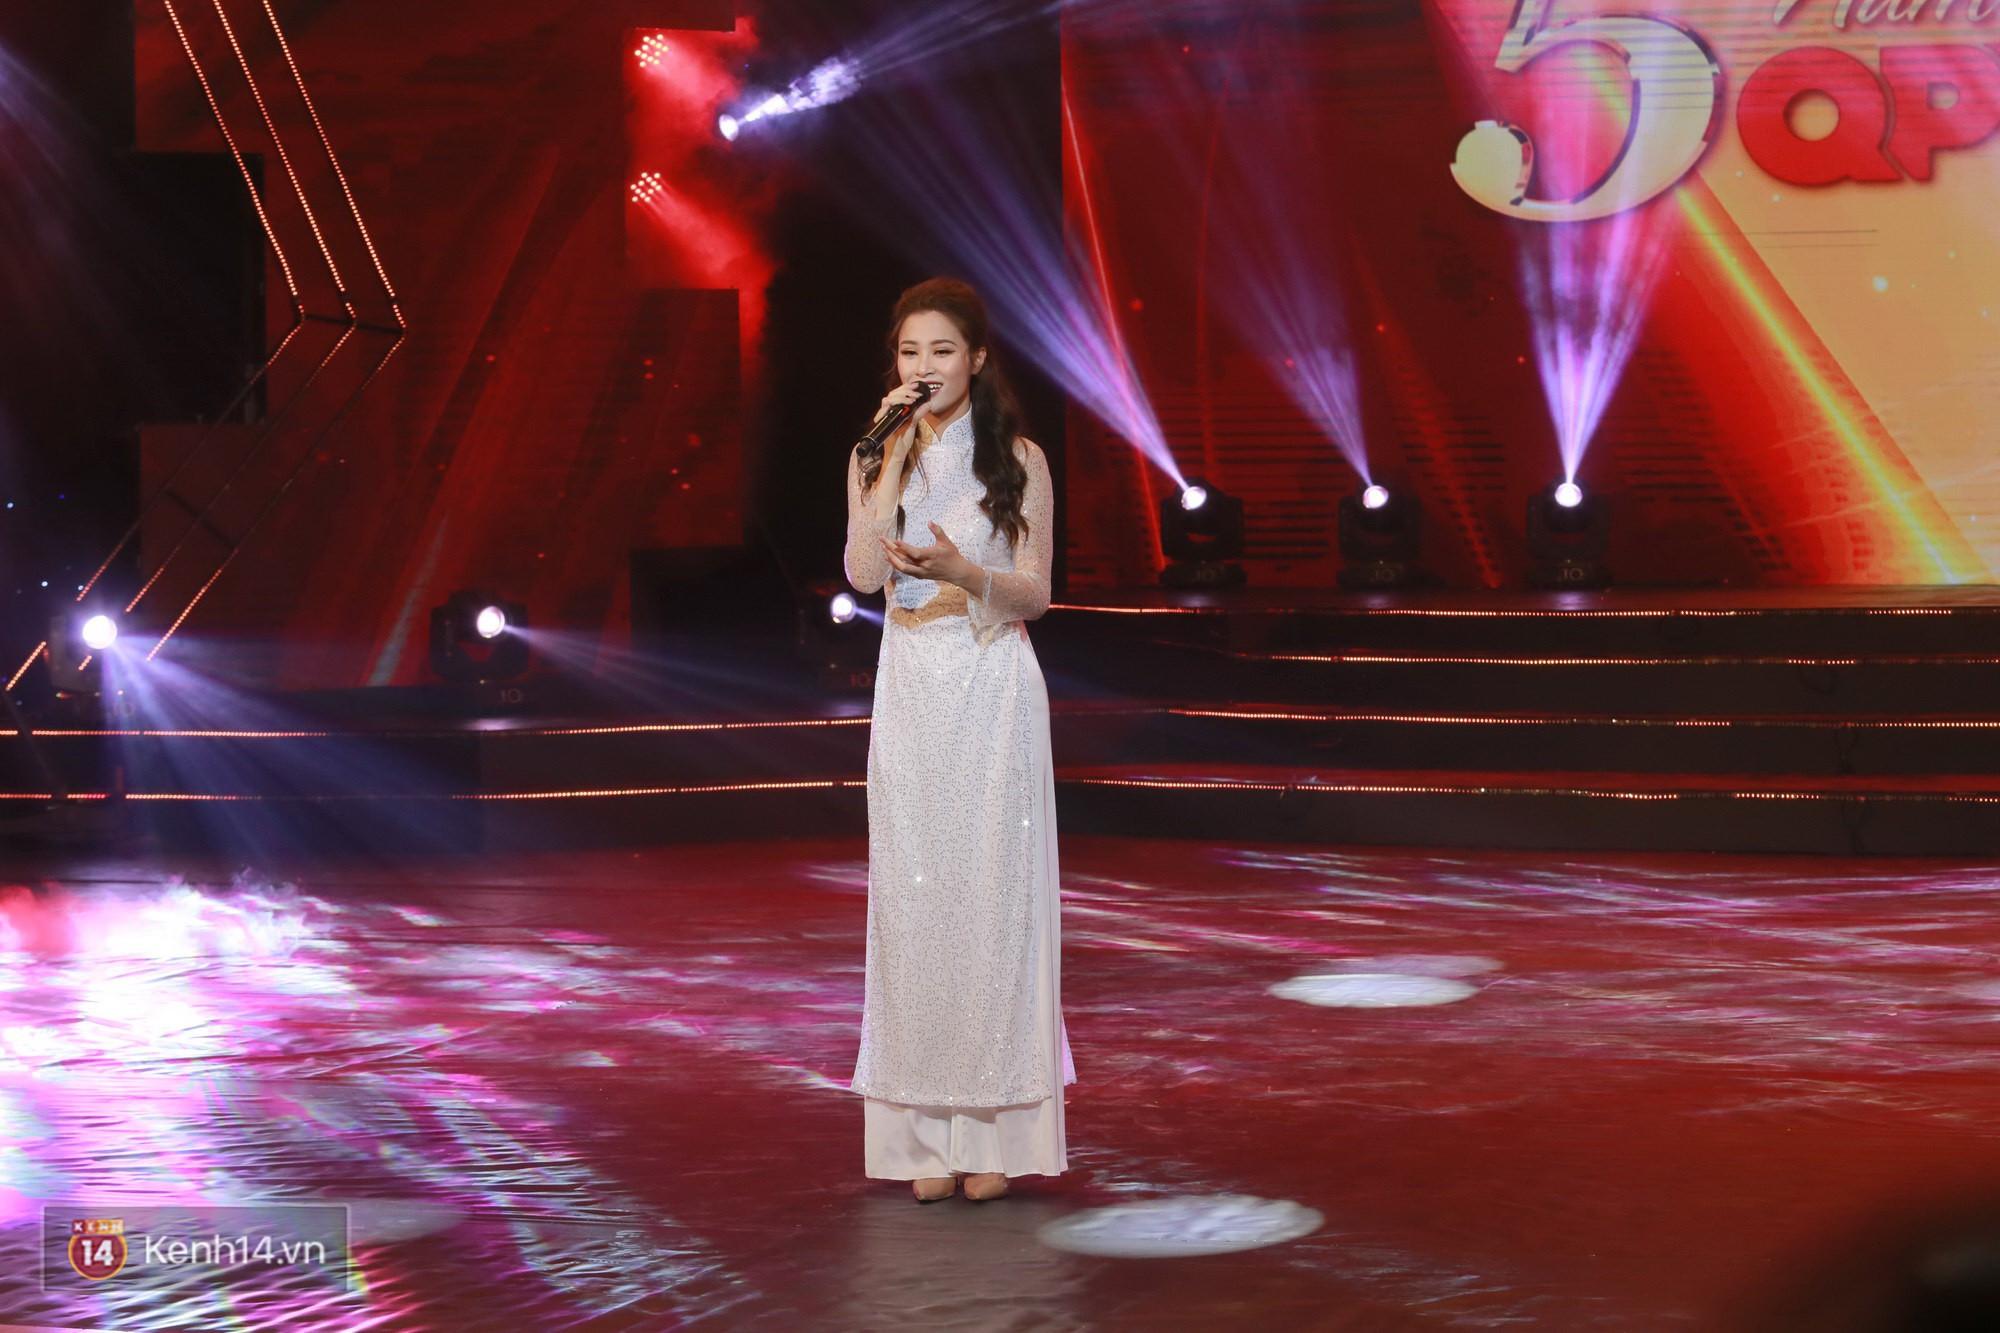 Đông Nhi đằm thắm với áo dài trắng, Hoa hậu Hương Giang biểu diễn trong quân phục chiến sĩ - Ảnh 2.